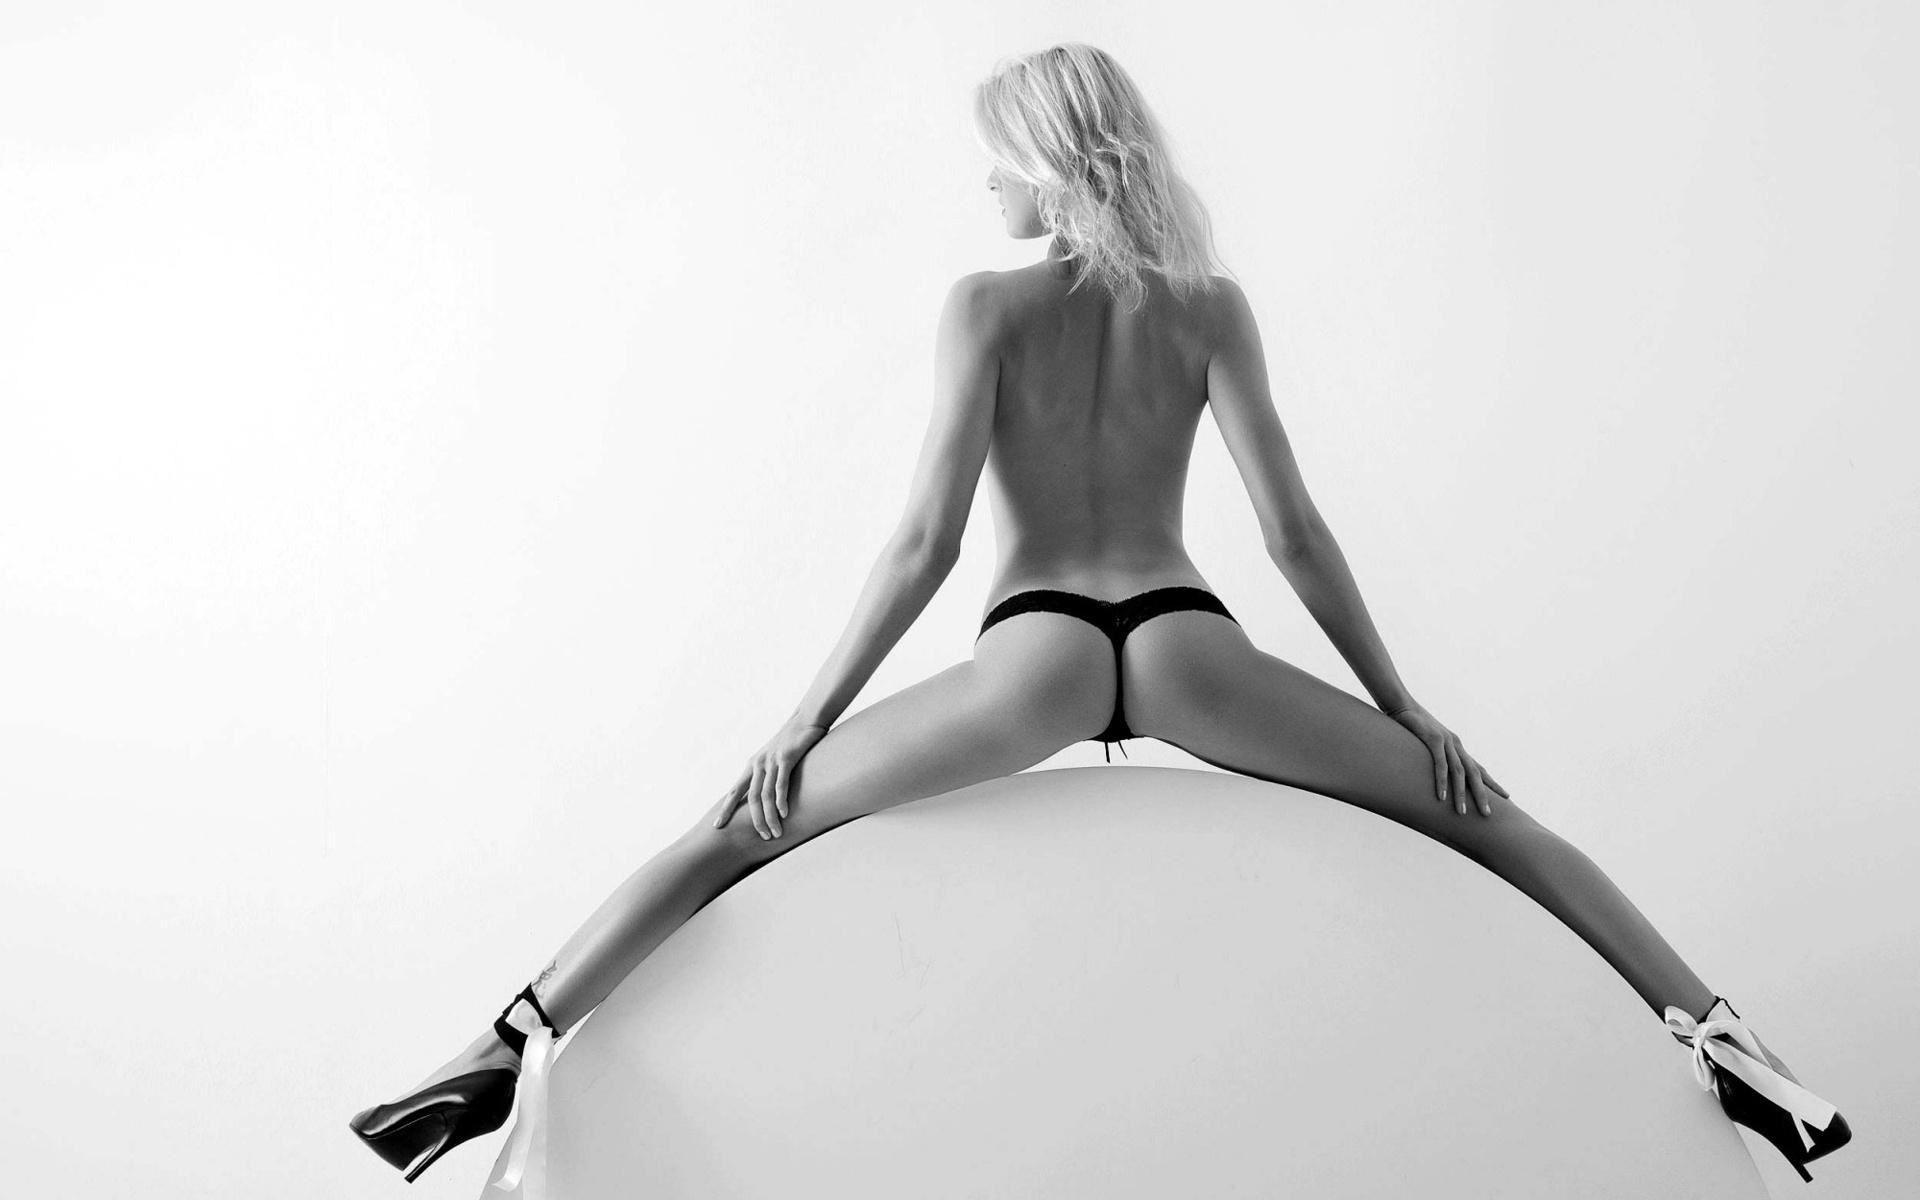 Длинные стройные ножки эротика — photo 4